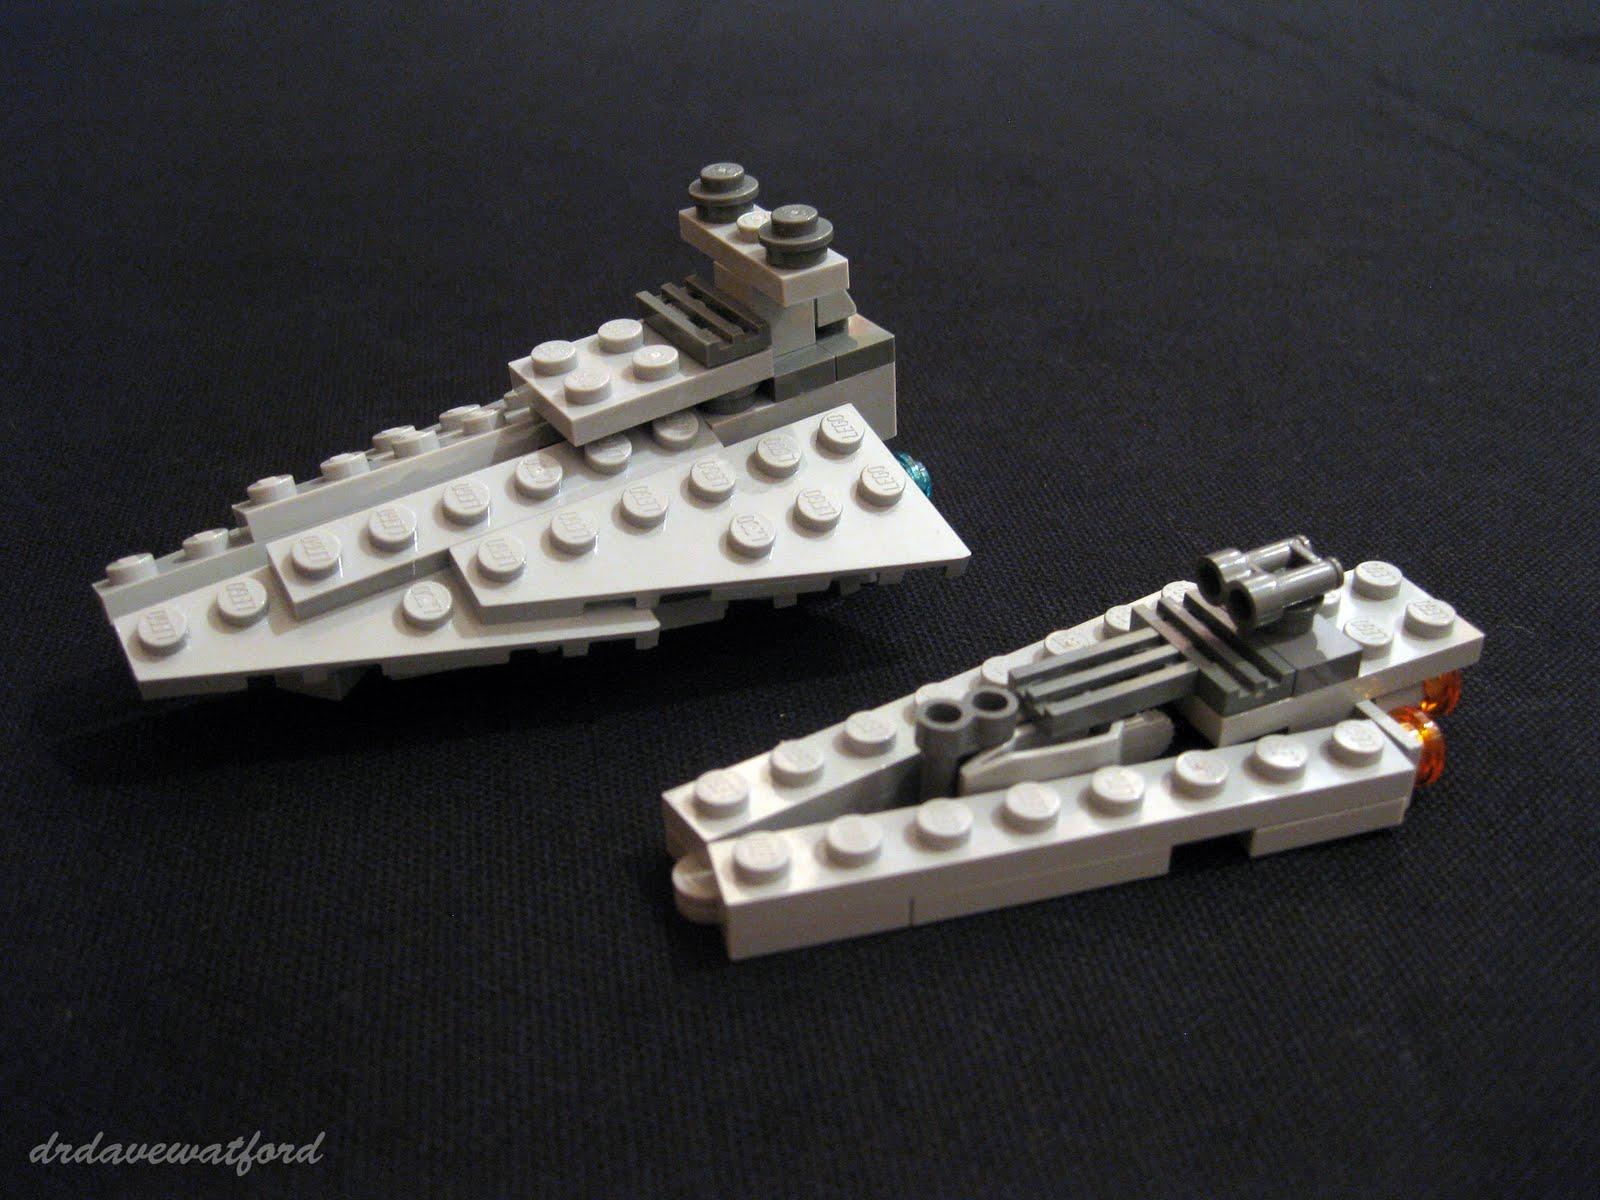 Gimme Lego: Set 10221 UCS Super Star Destroyer review - Part I